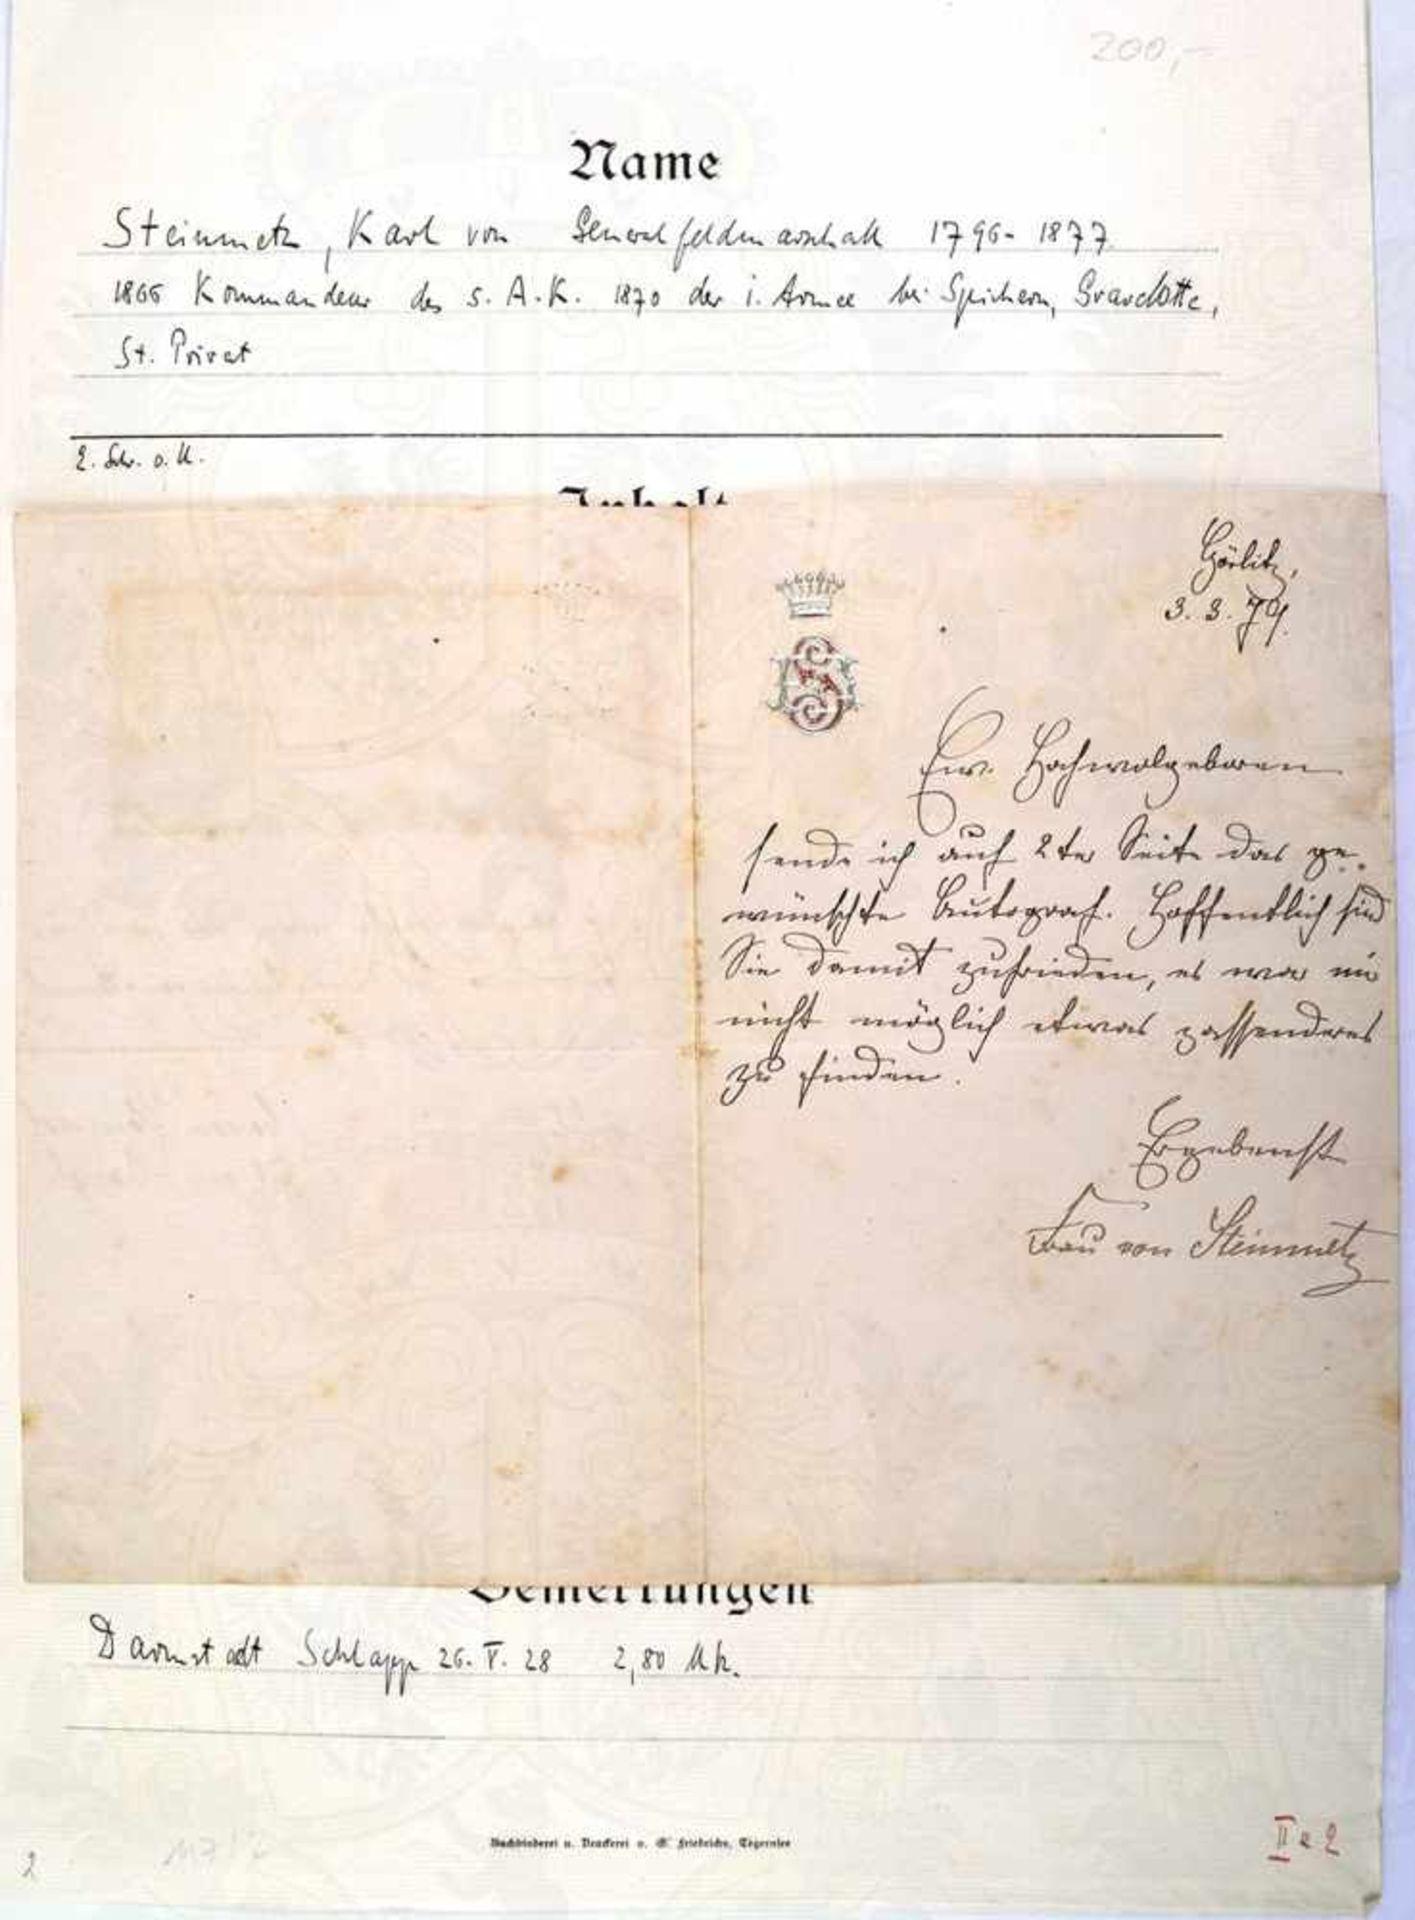 STEINMETZ, KARL VON, 1796-1877, Preußischer Generalfeldmarschall, Briefausschnitt mit